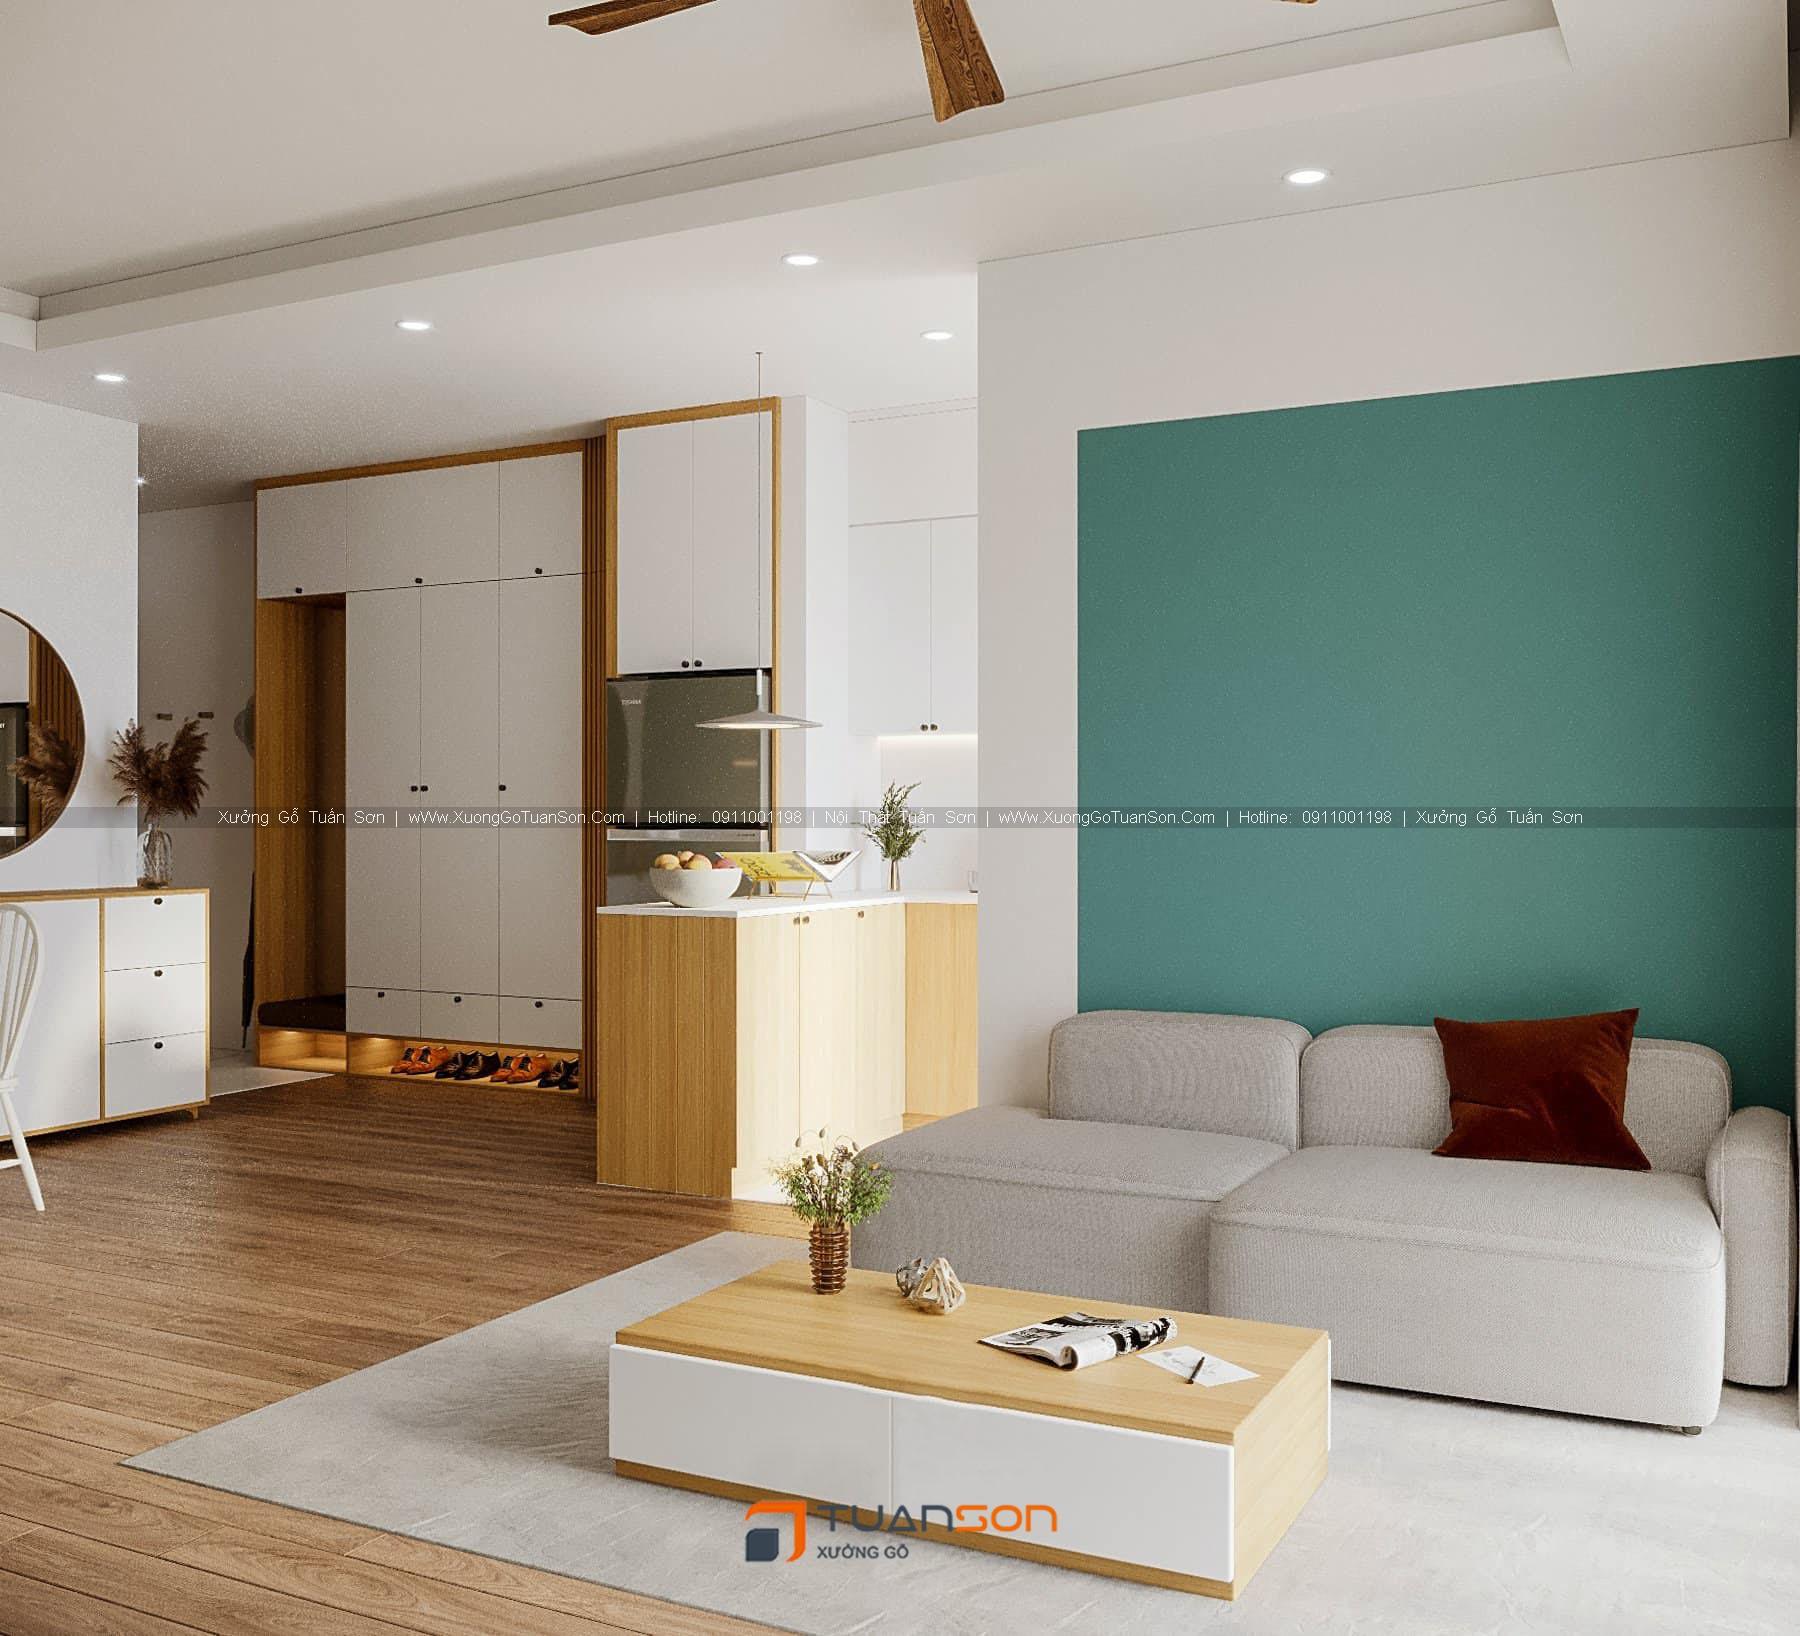 Thiết kế nội thất căn số 2 (85m2) Phương Đông Green Park